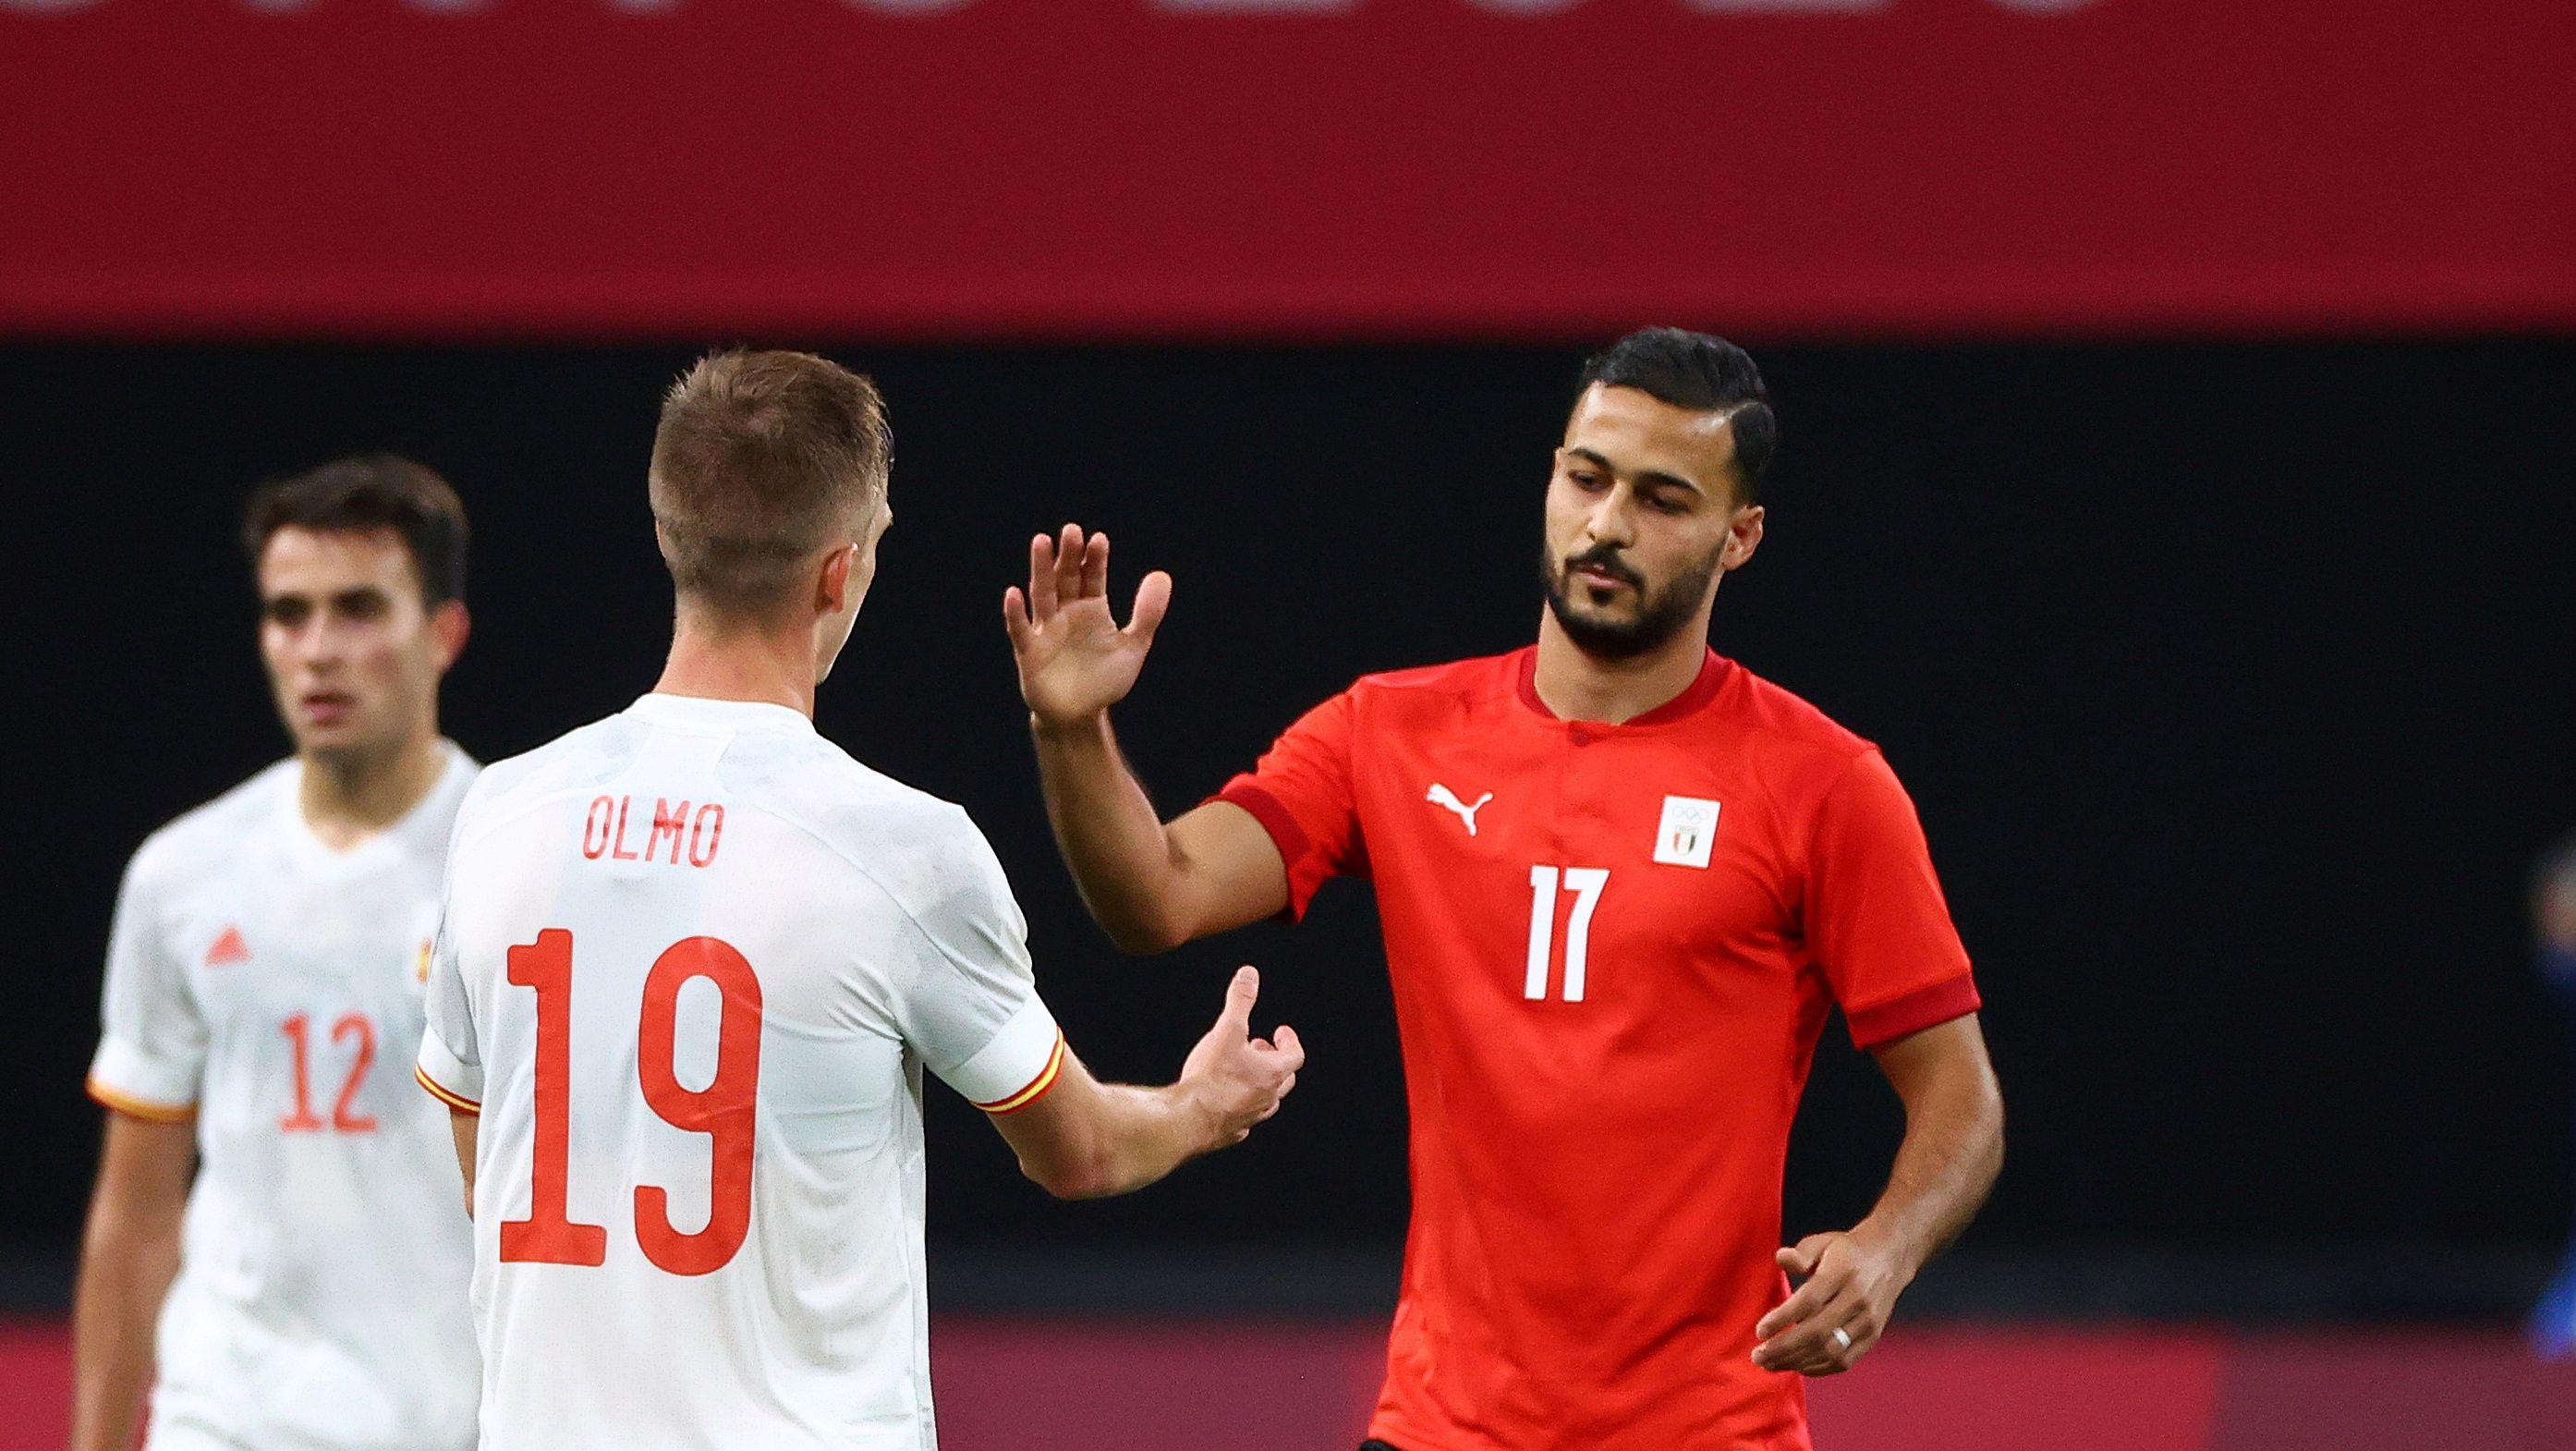 España y Egipto igualaron sin goles en su estreno olímpico (REUTERS/Kim Hong-Ji)